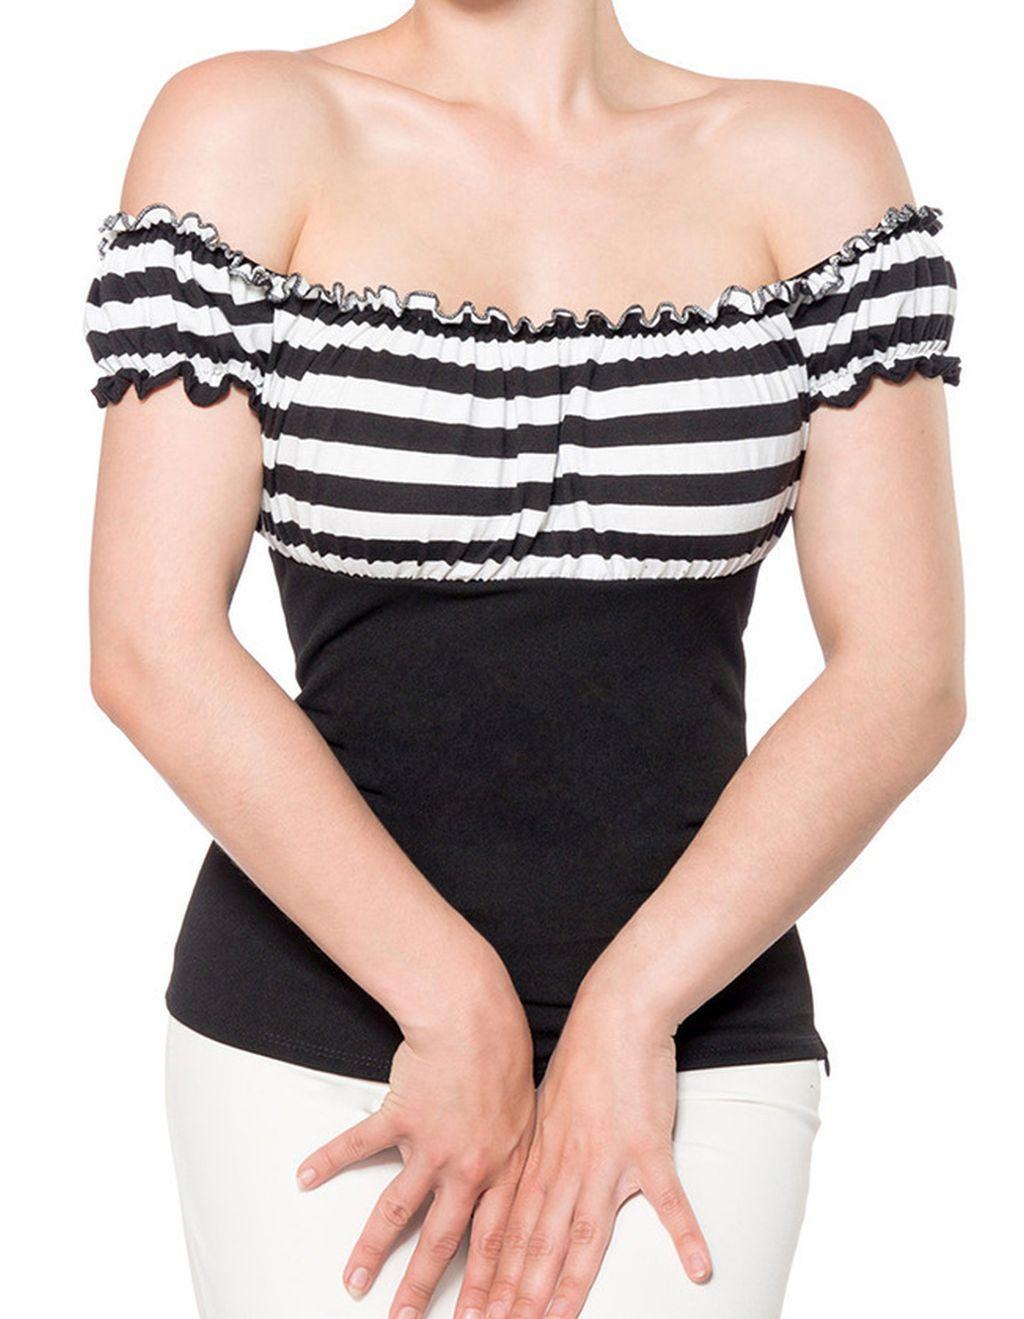 Jersey Top Retro Style Schulterfrei schwarz weiss stripe S - XXXL